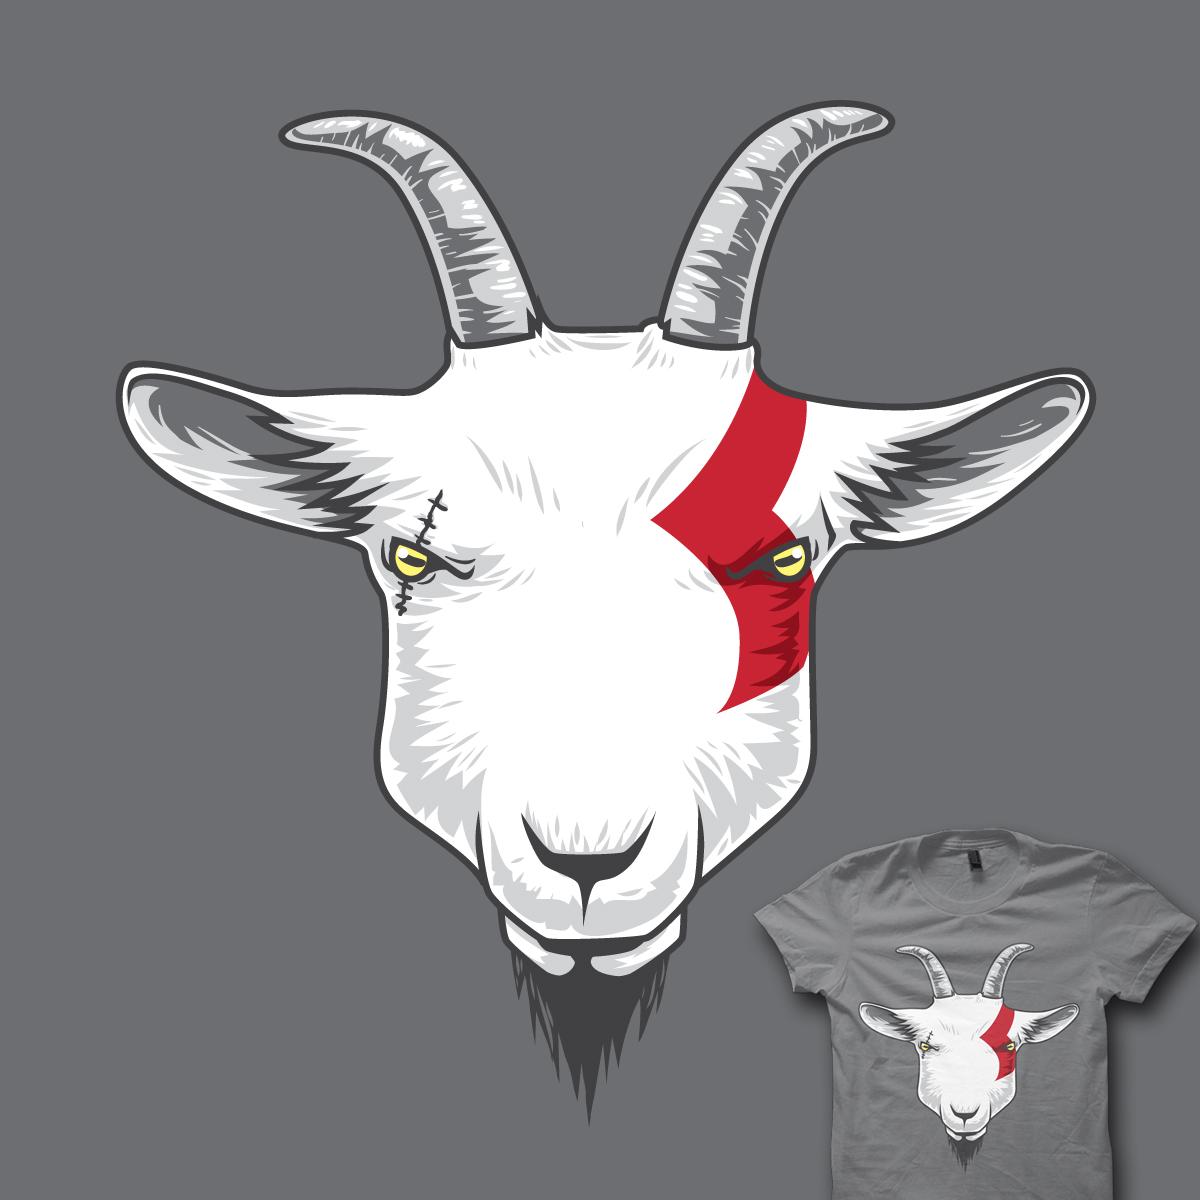 Goat of War by Angga Ang on Threadless